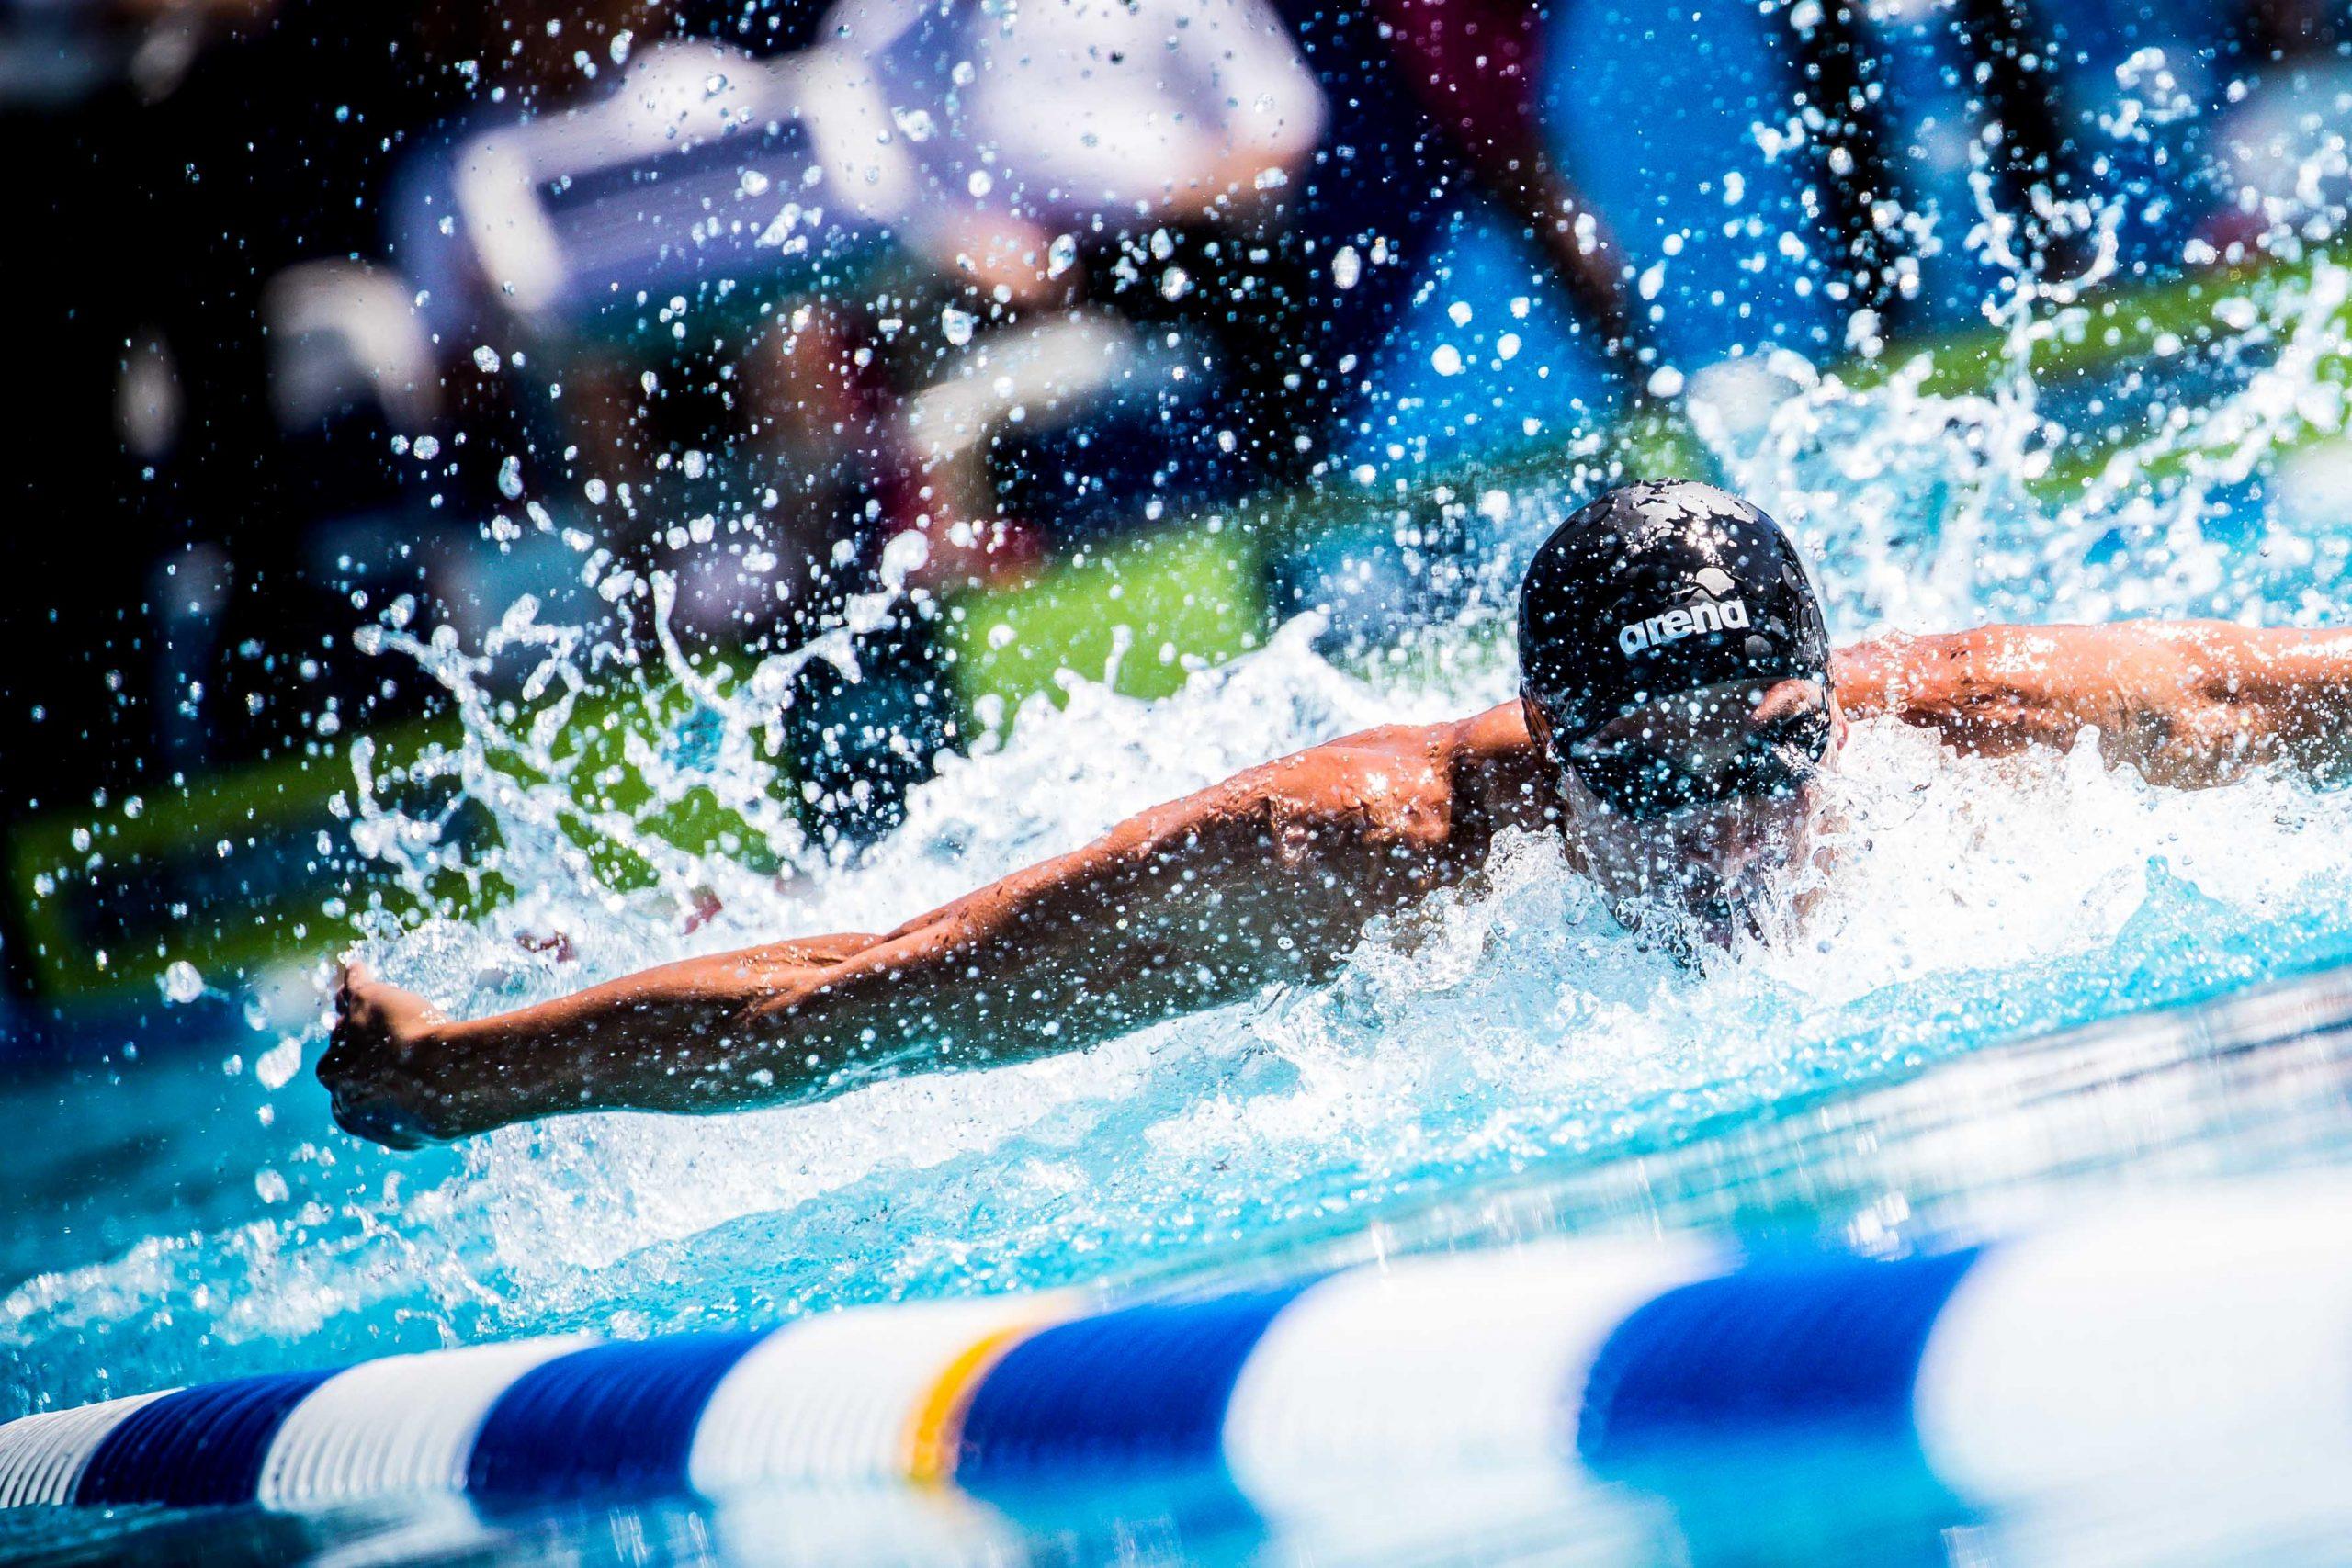 آموزش شنا بانوان در اصفهان